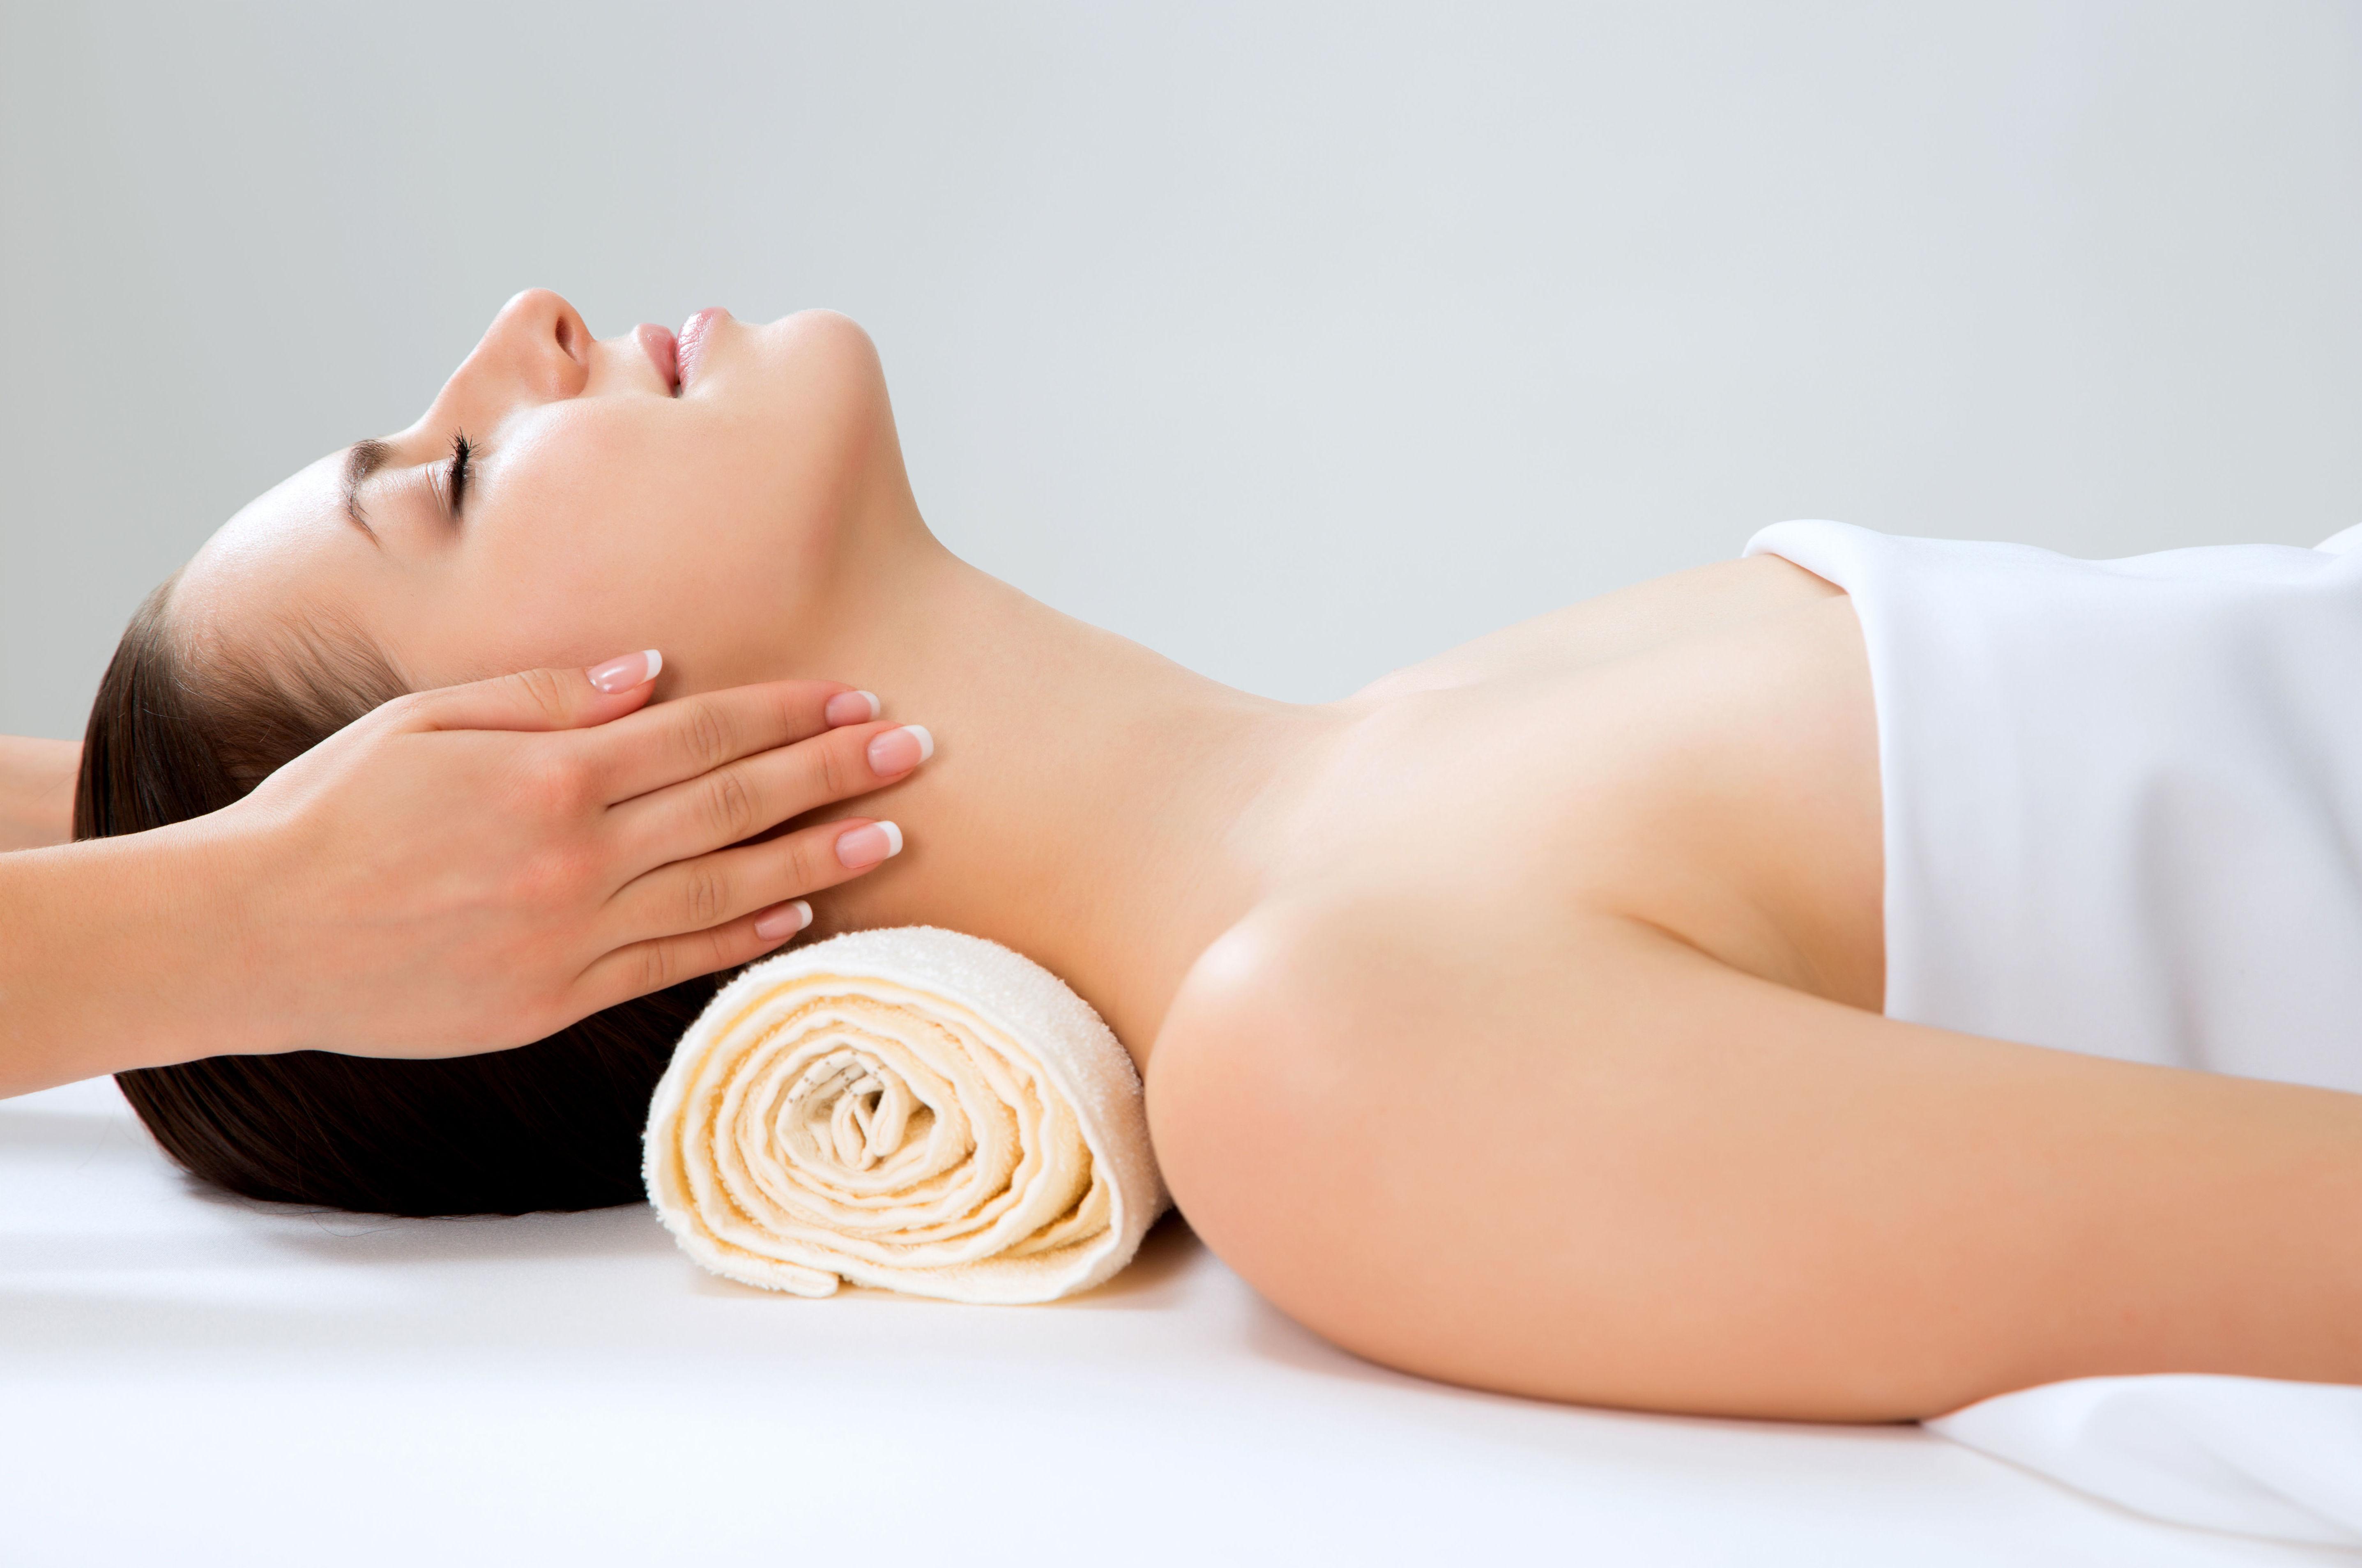 billeder af kusser episk massage